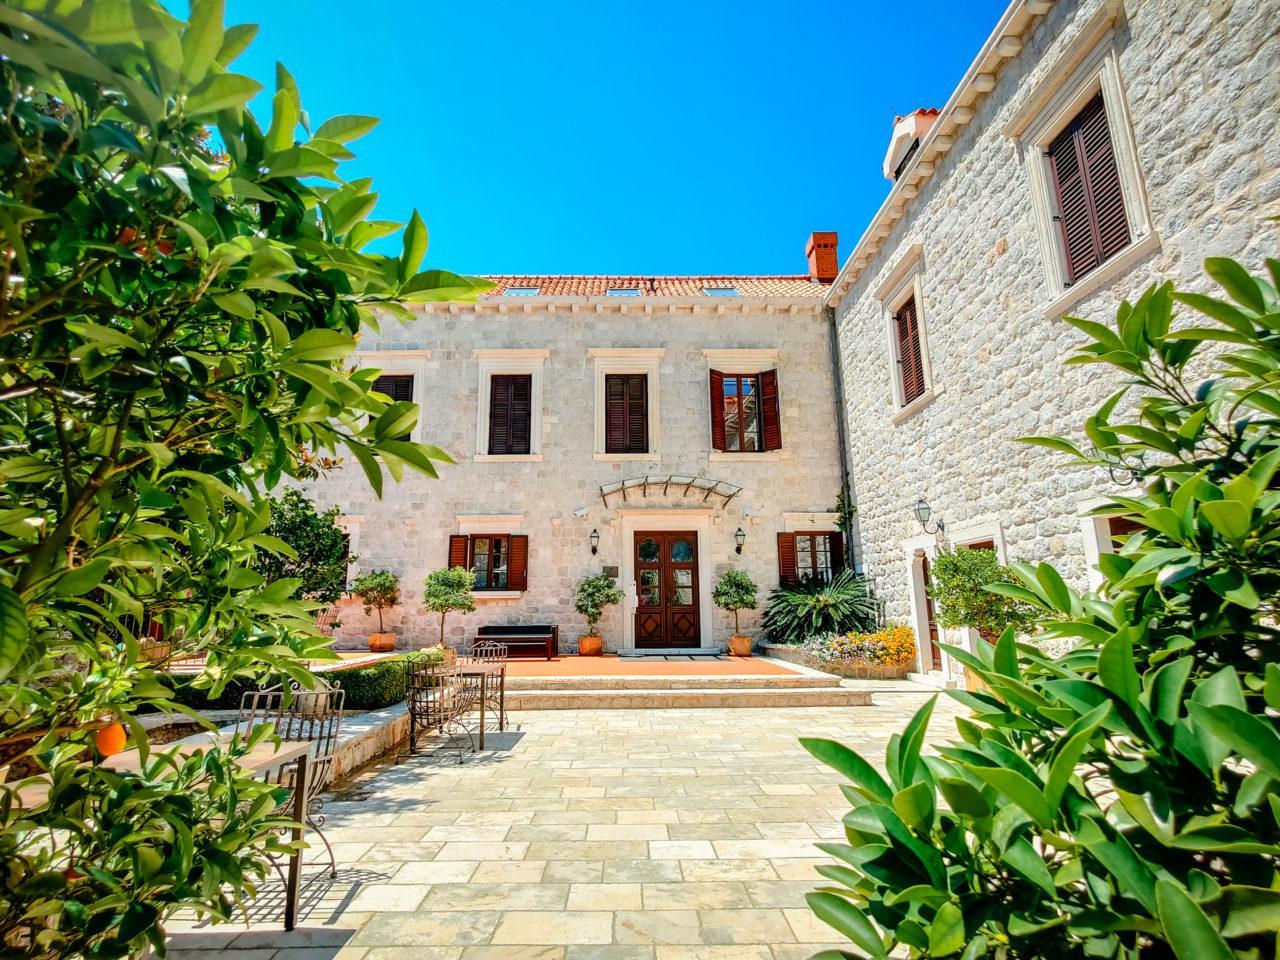 hochzeitslocation Kroatien location hochzeit heiraten 17 1 1280x960 - Hochzeitslocations